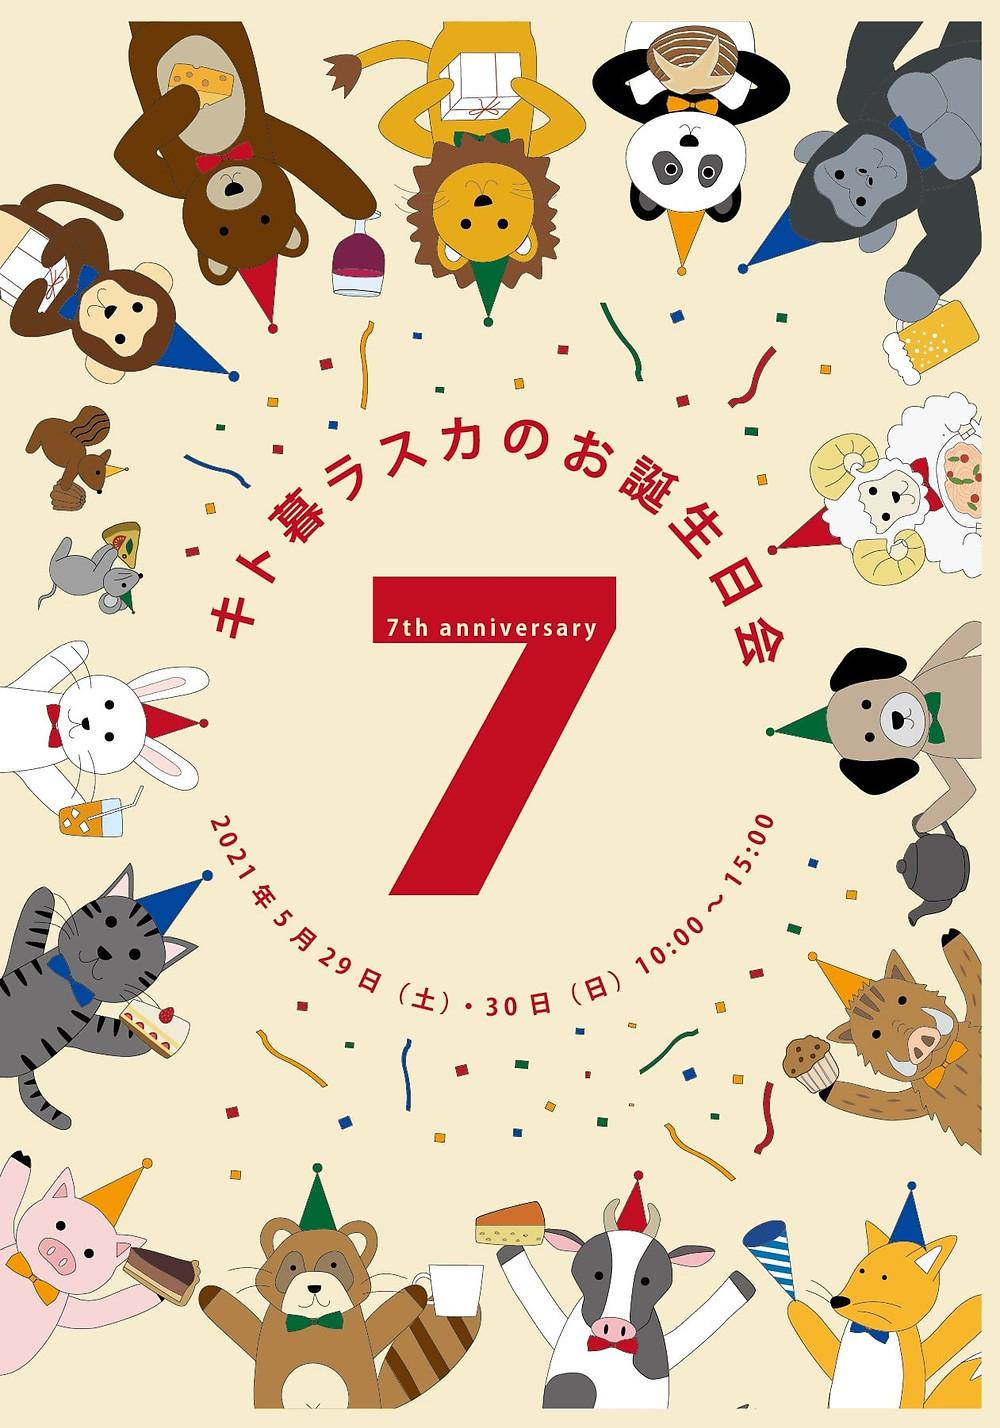 キト暮ラスカのお誕生日会7静岡県富士市